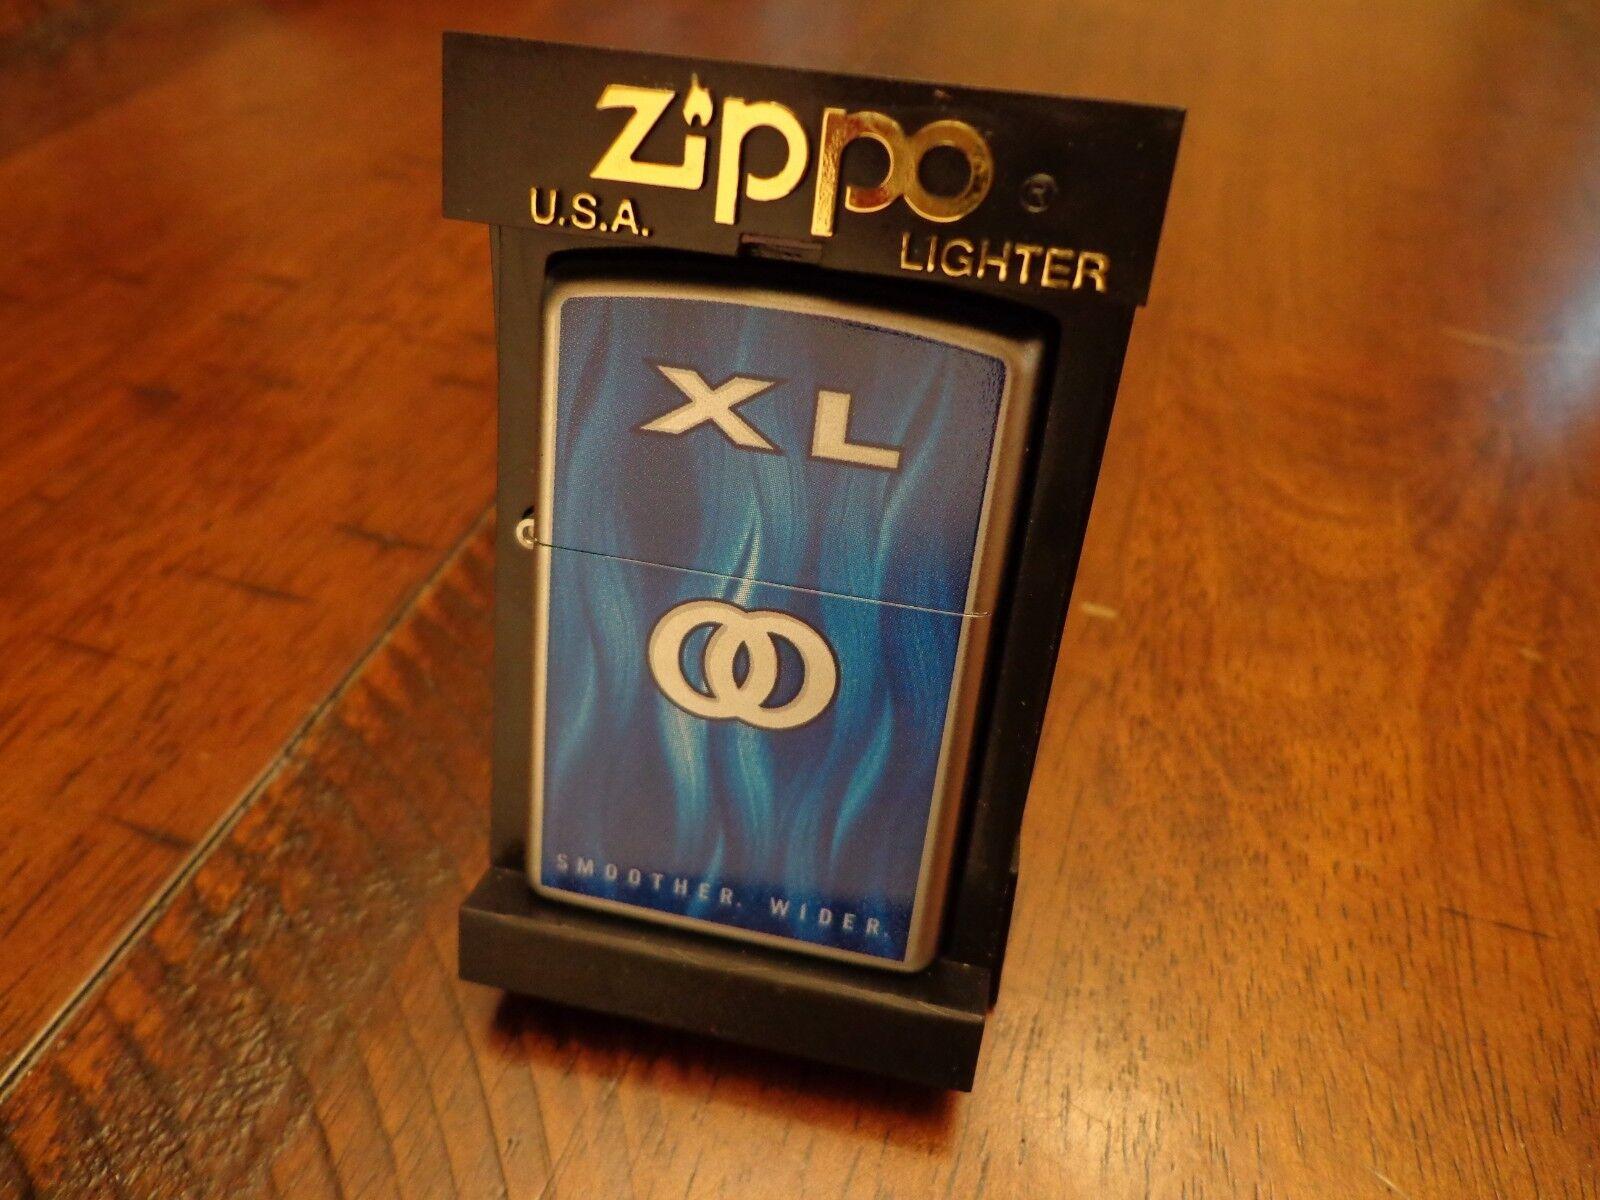 KOOL XL CIGARETTES ZIPPO LIGHTER MINT IN BOX 2007